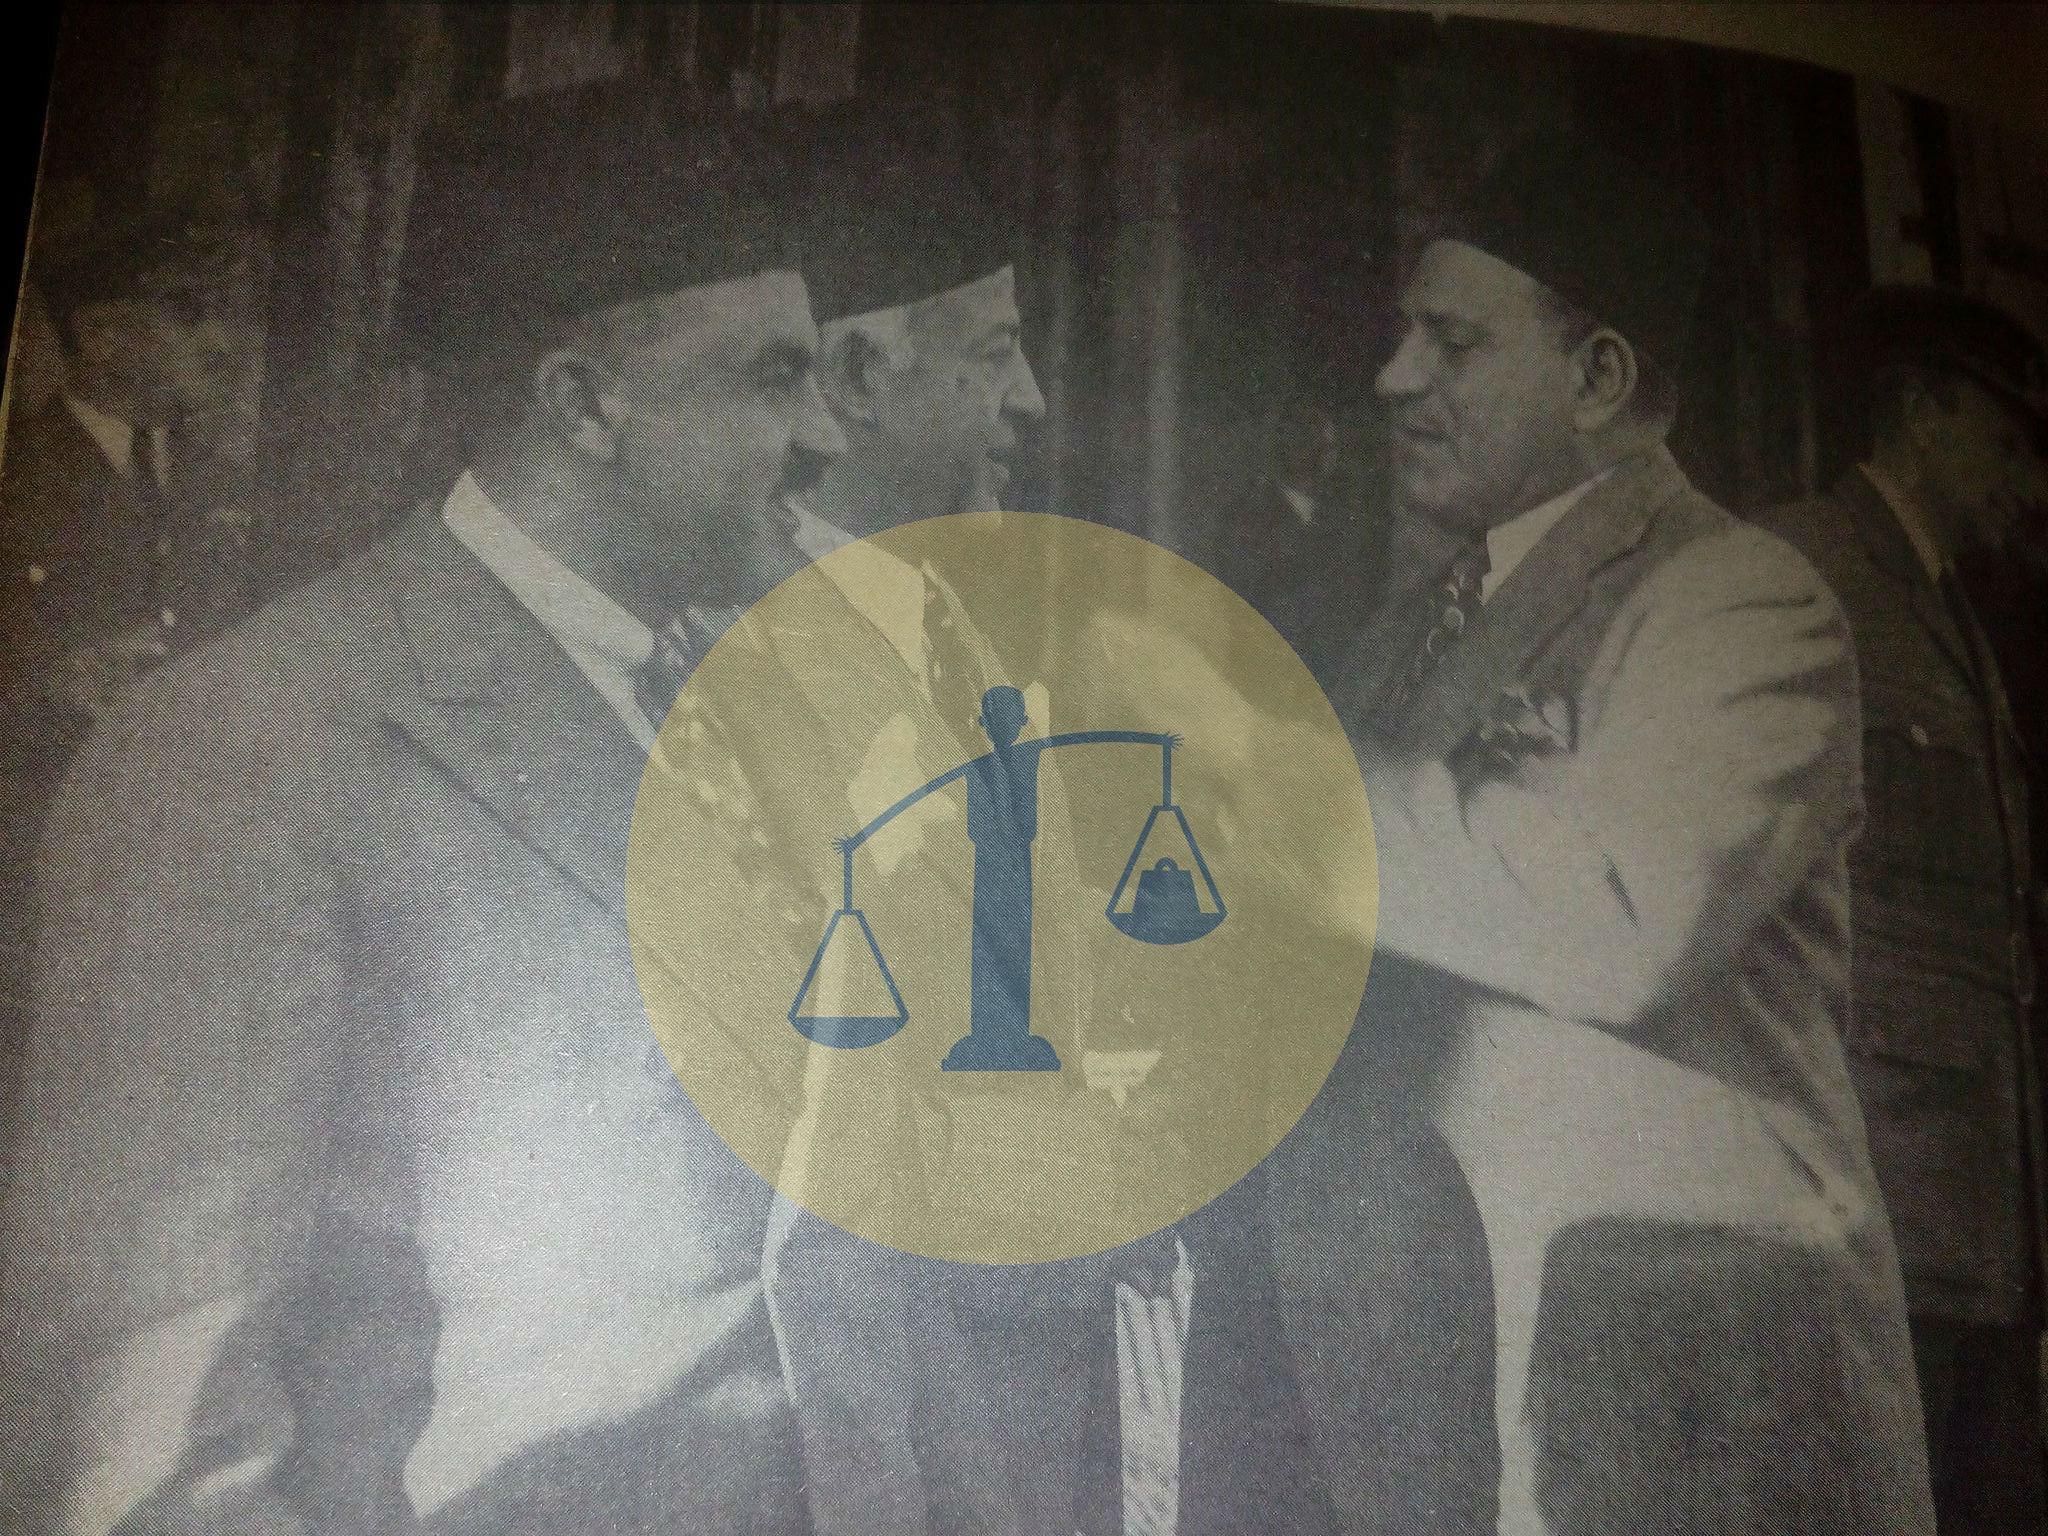 النحاس باشا - فرغلي باشا - أمين عثمان